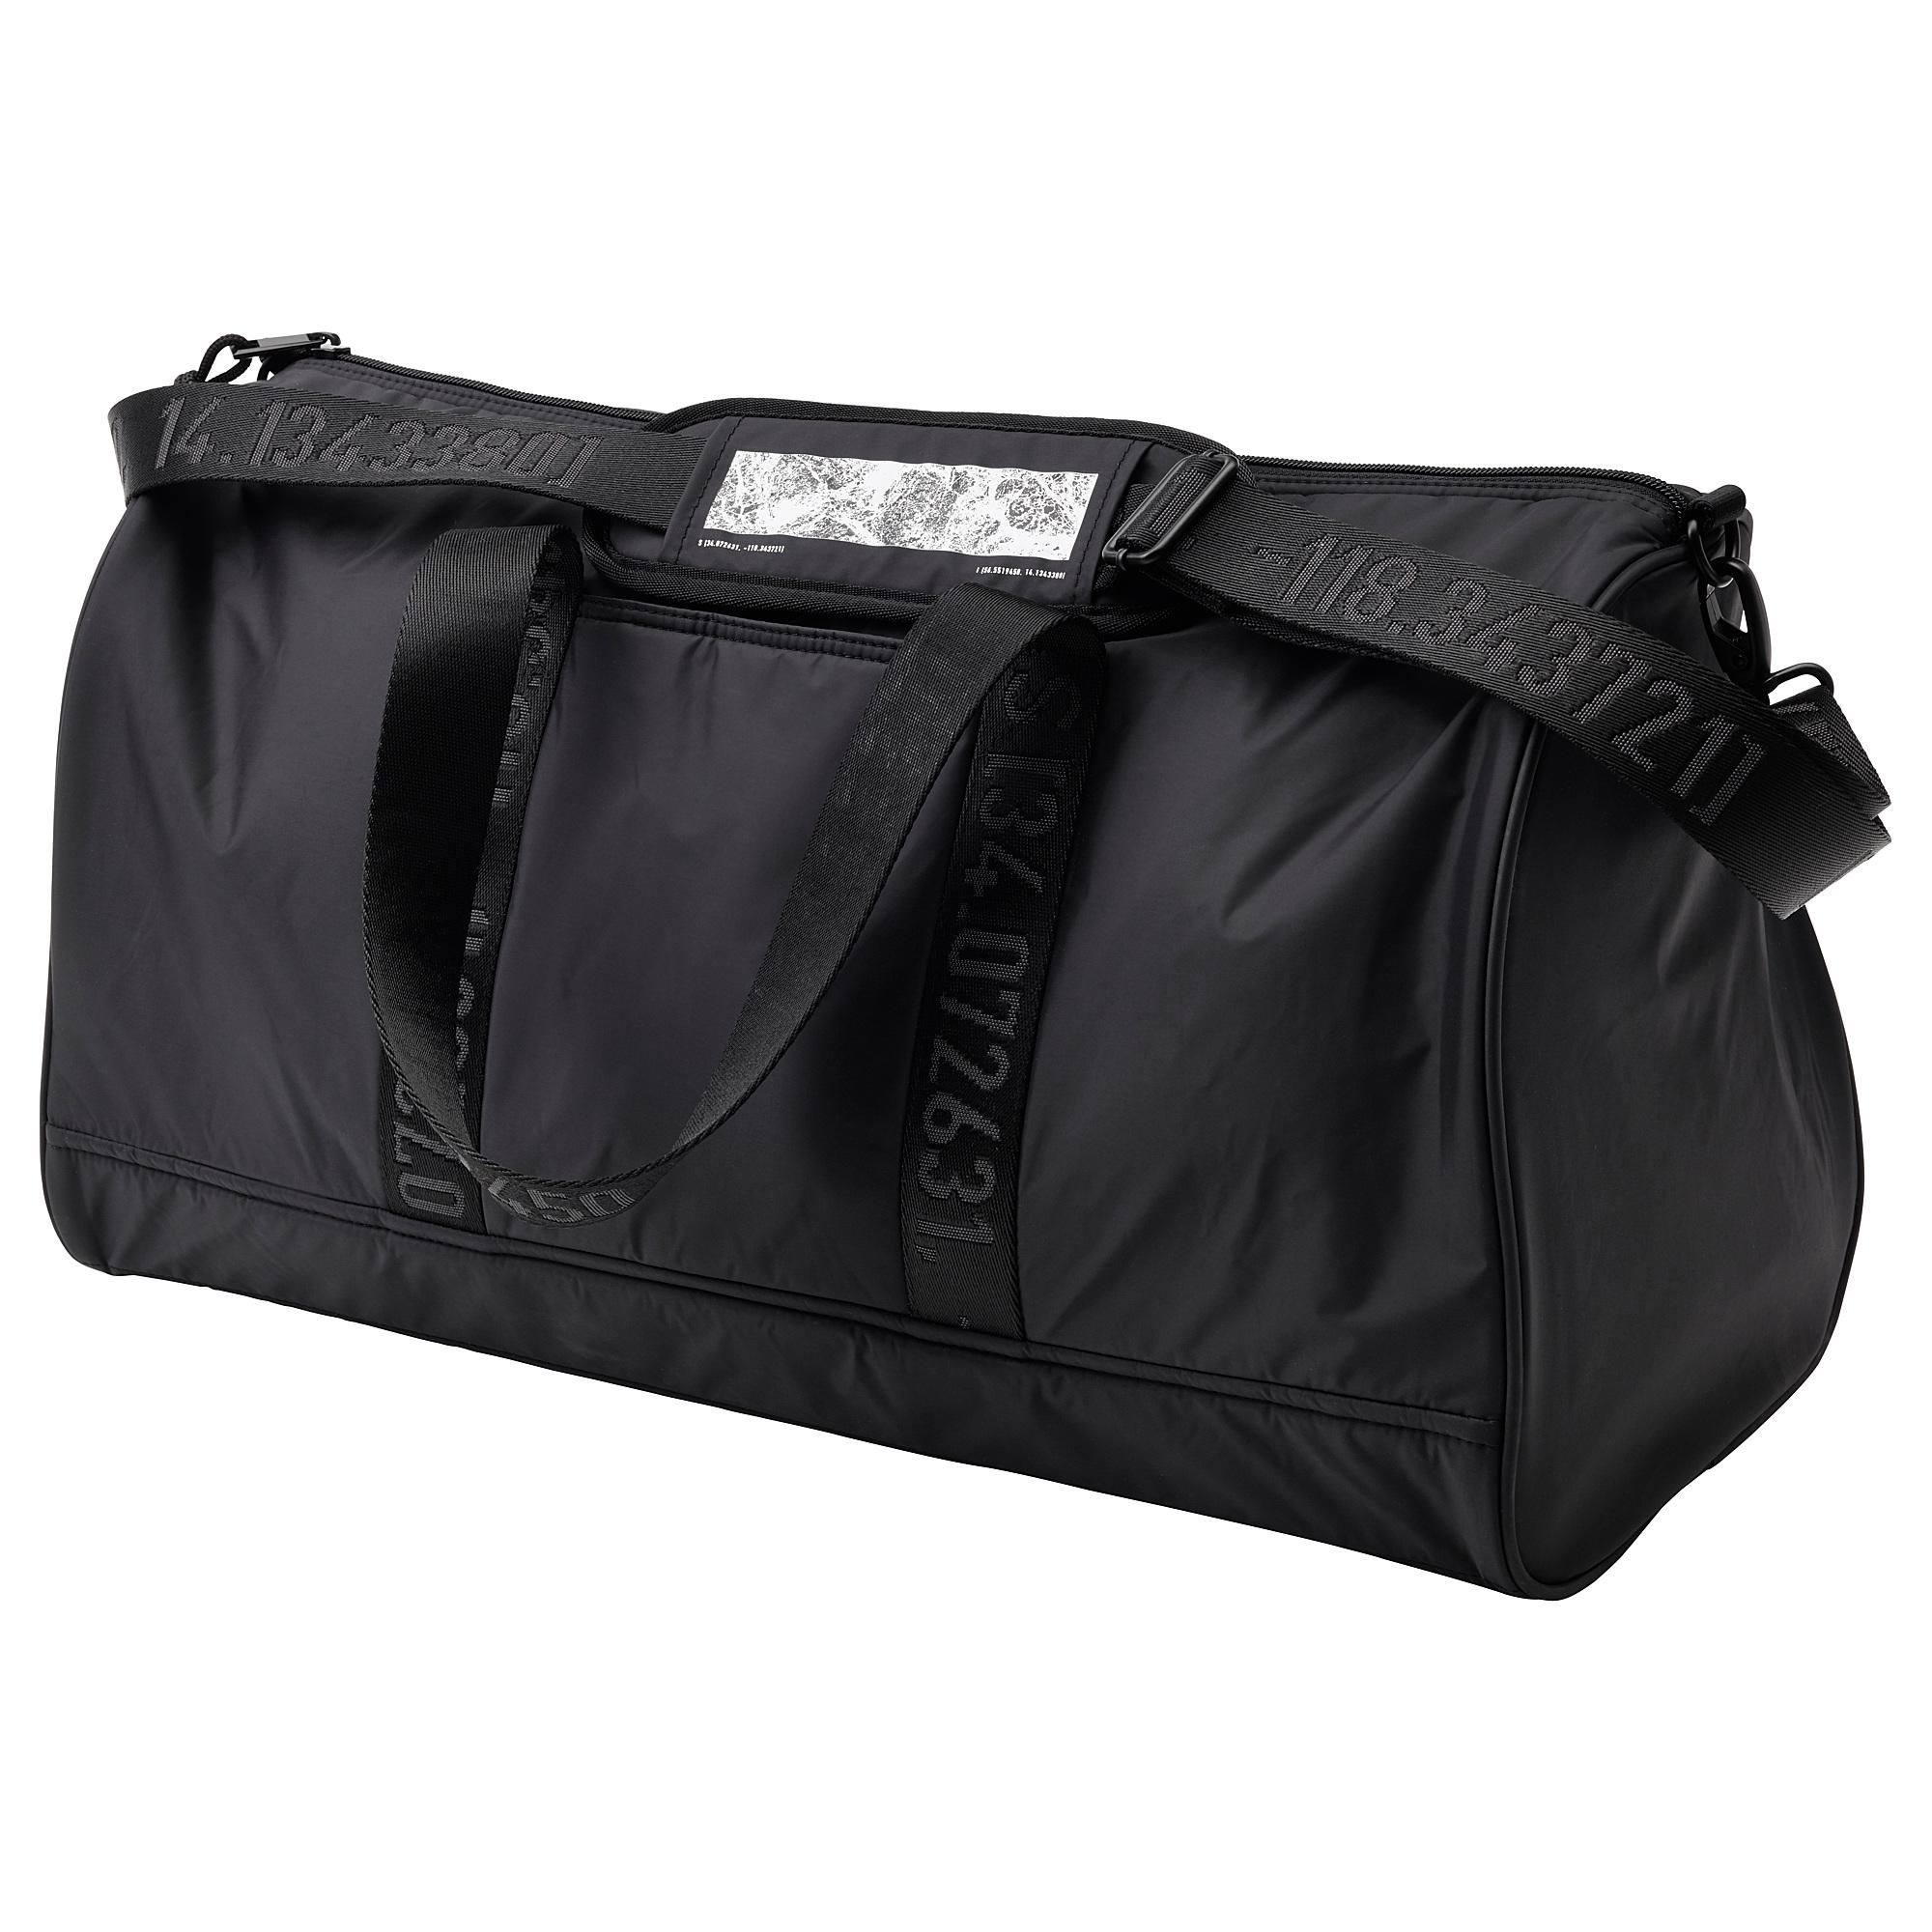 Спортивная сумка СПЭНСТ черный артикуль № 904.015.31 в наличии. Онлайн сайт ИКЕА Республика Беларусь. Быстрая доставка и соборка.